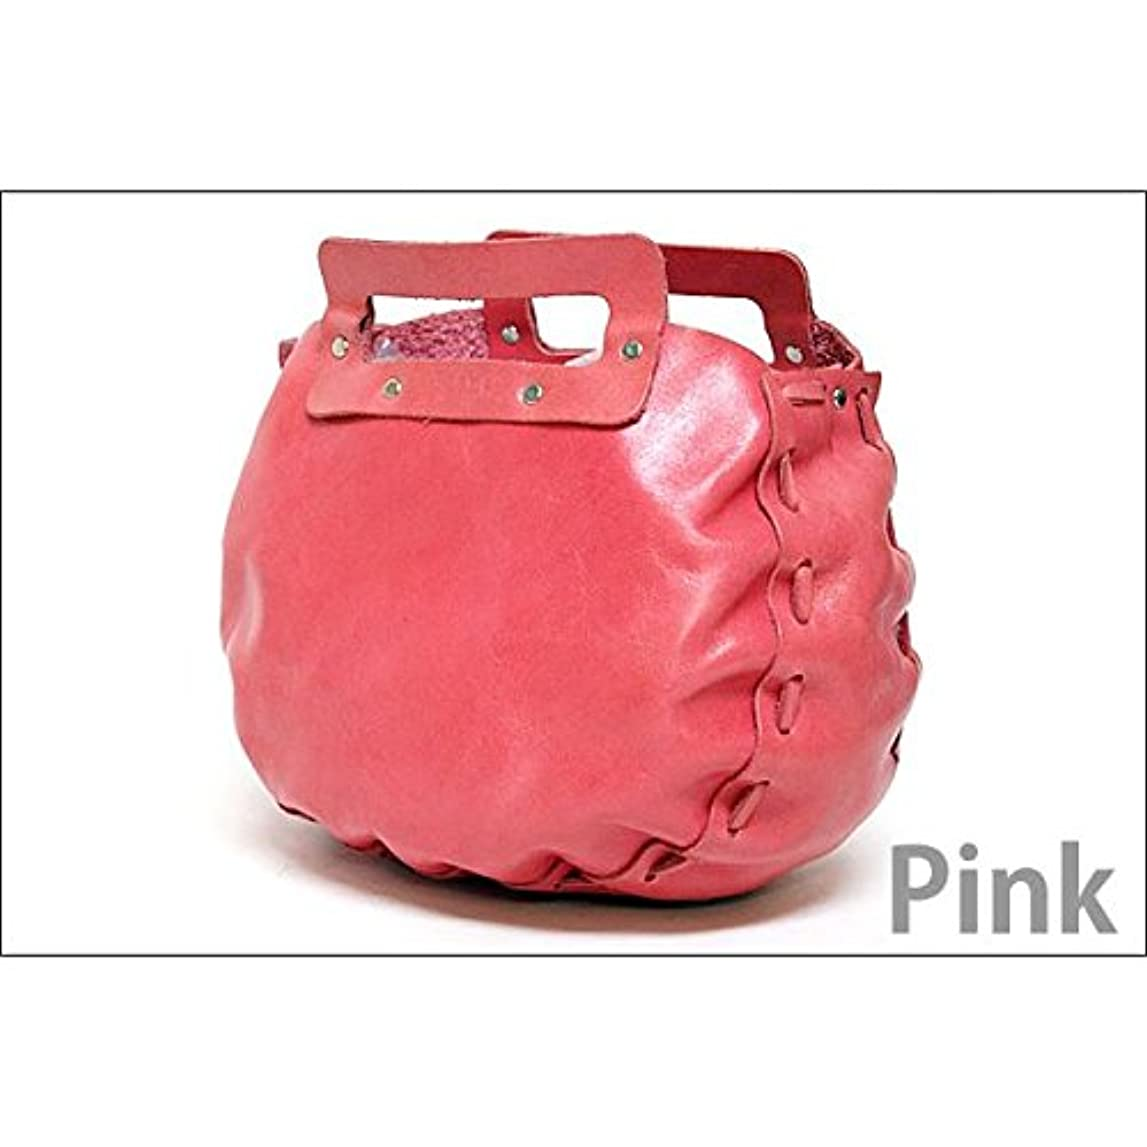 ツールタンザニア相談する★dean(ディーン) bowling bag ハンドバッグ ピンク ds-1912097